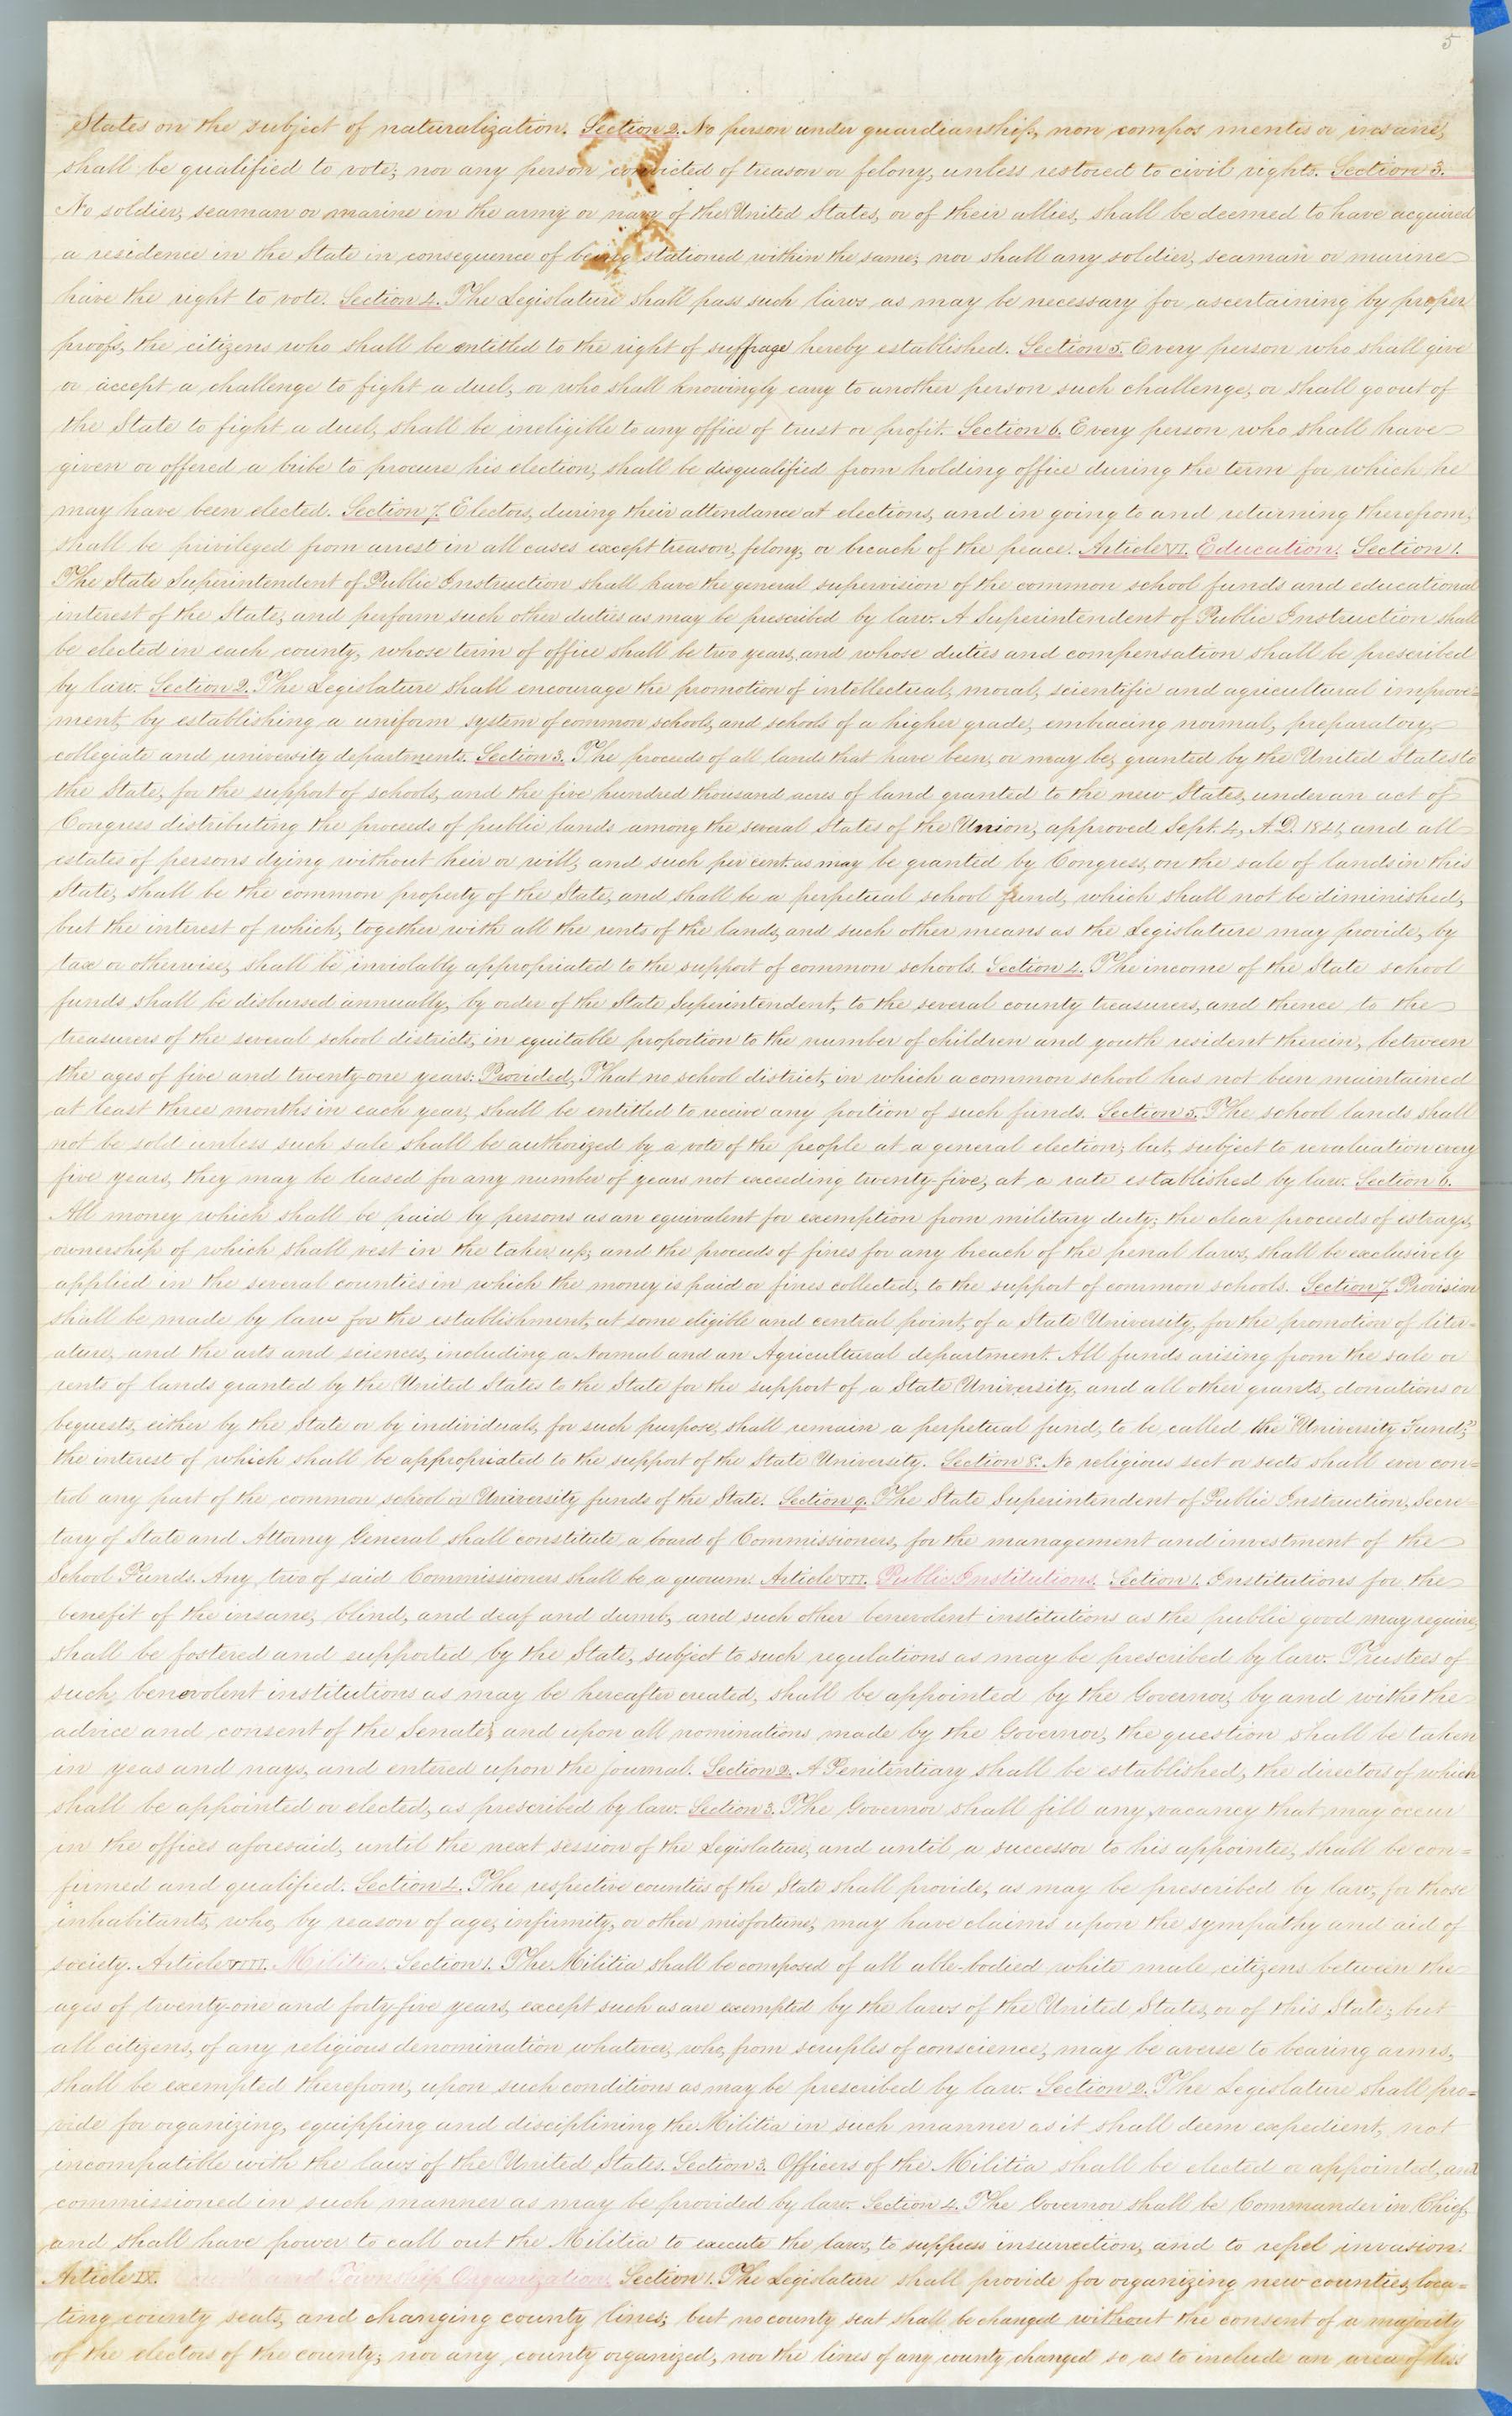 Wyandotte Constitution - 5